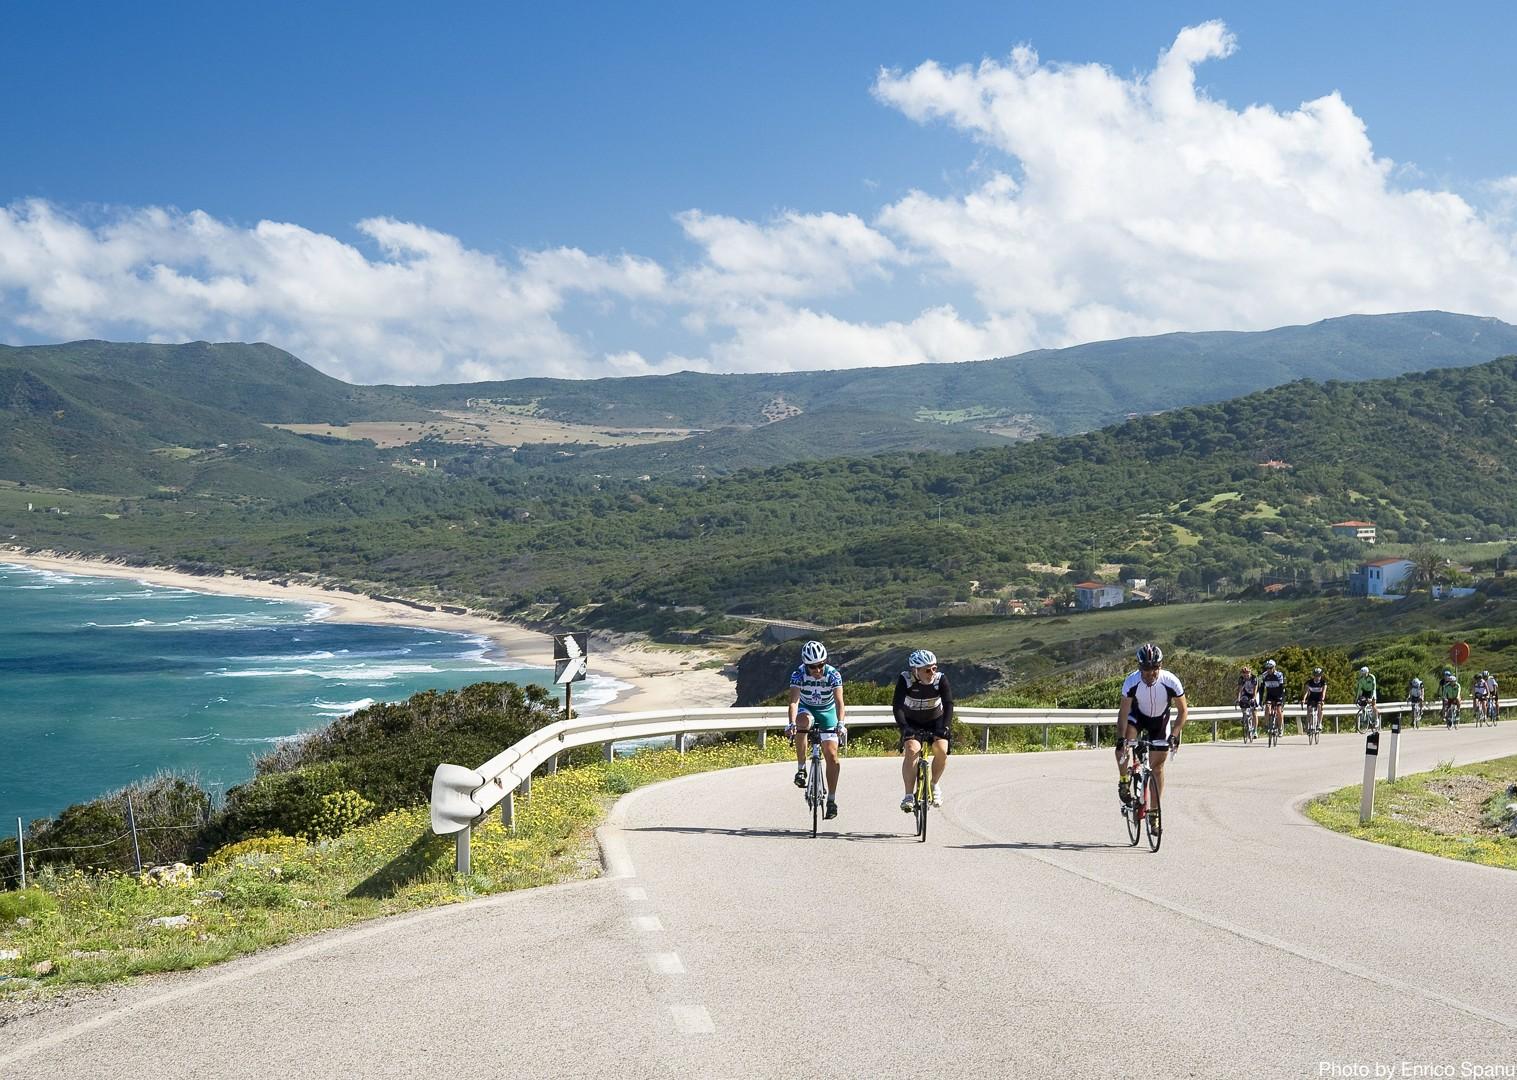 Sardinia-Coastal-Explorer-Self-Guided-Road-Cycling-Holiday-Alghero-to-Bosa.jpg - Italy - Net Trade Rate - Coastal TranSardinia - Self-Guided Road Cycling Holiday - Italia Road Cycling